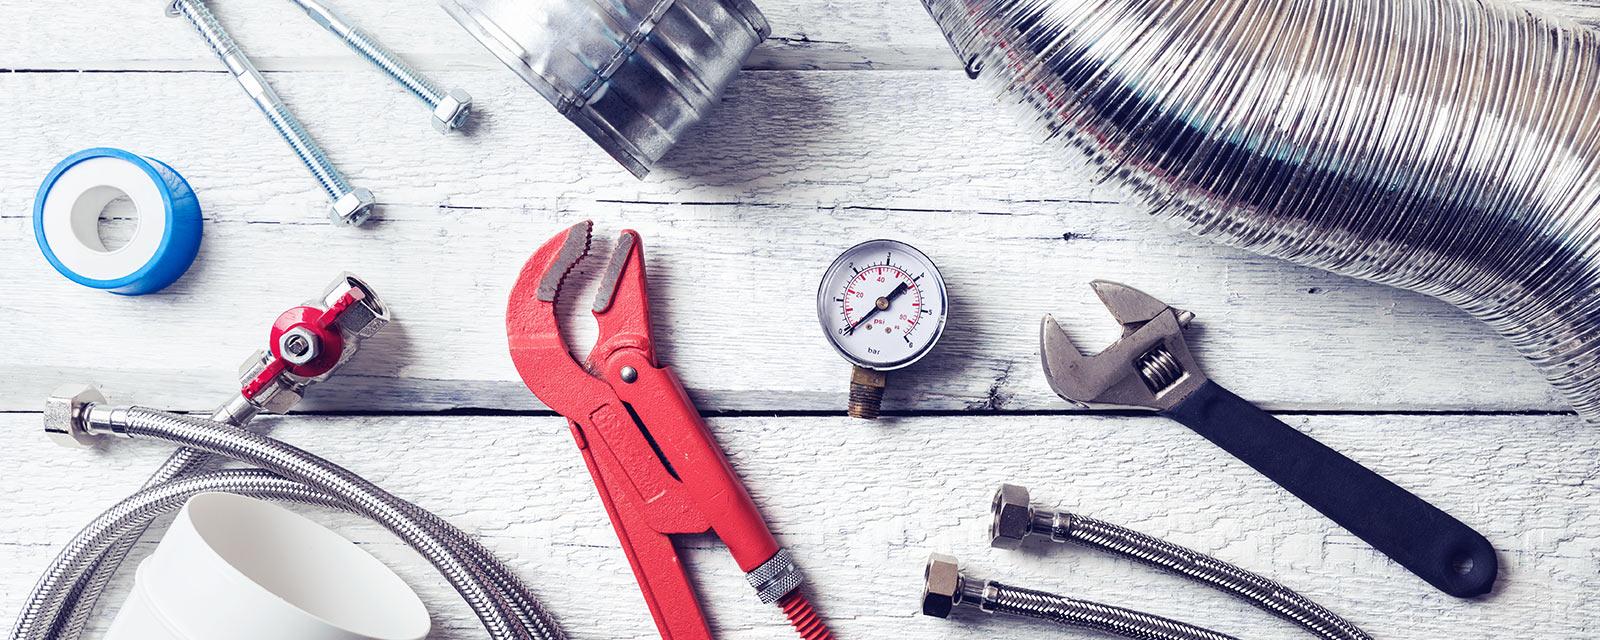 5 outils de plomberie que chaque propriétaire devrait avoir sous la main